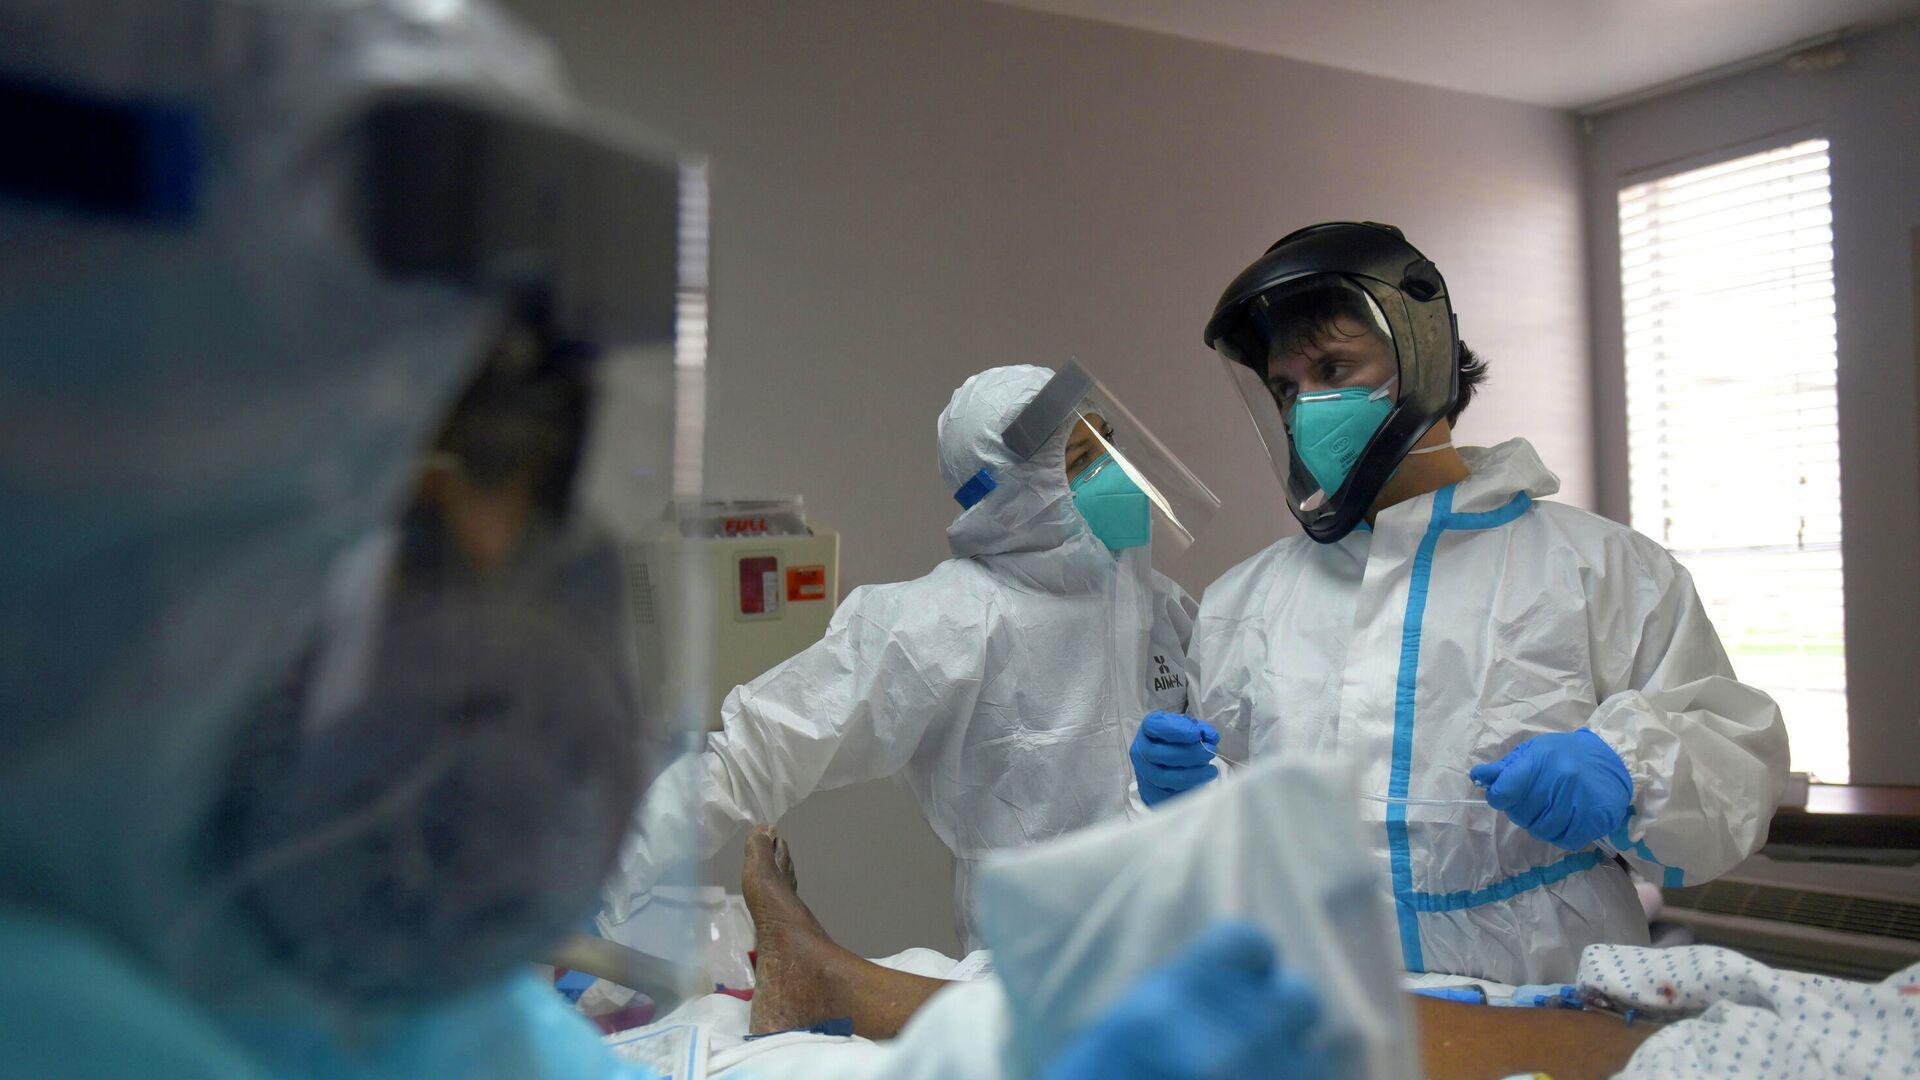 Медицинские работники в отделении для пациентов с коронавирусом в Медицинском центре United Memorial в Хьюстоне, США - РИА Новости, 1920, 20.01.2021